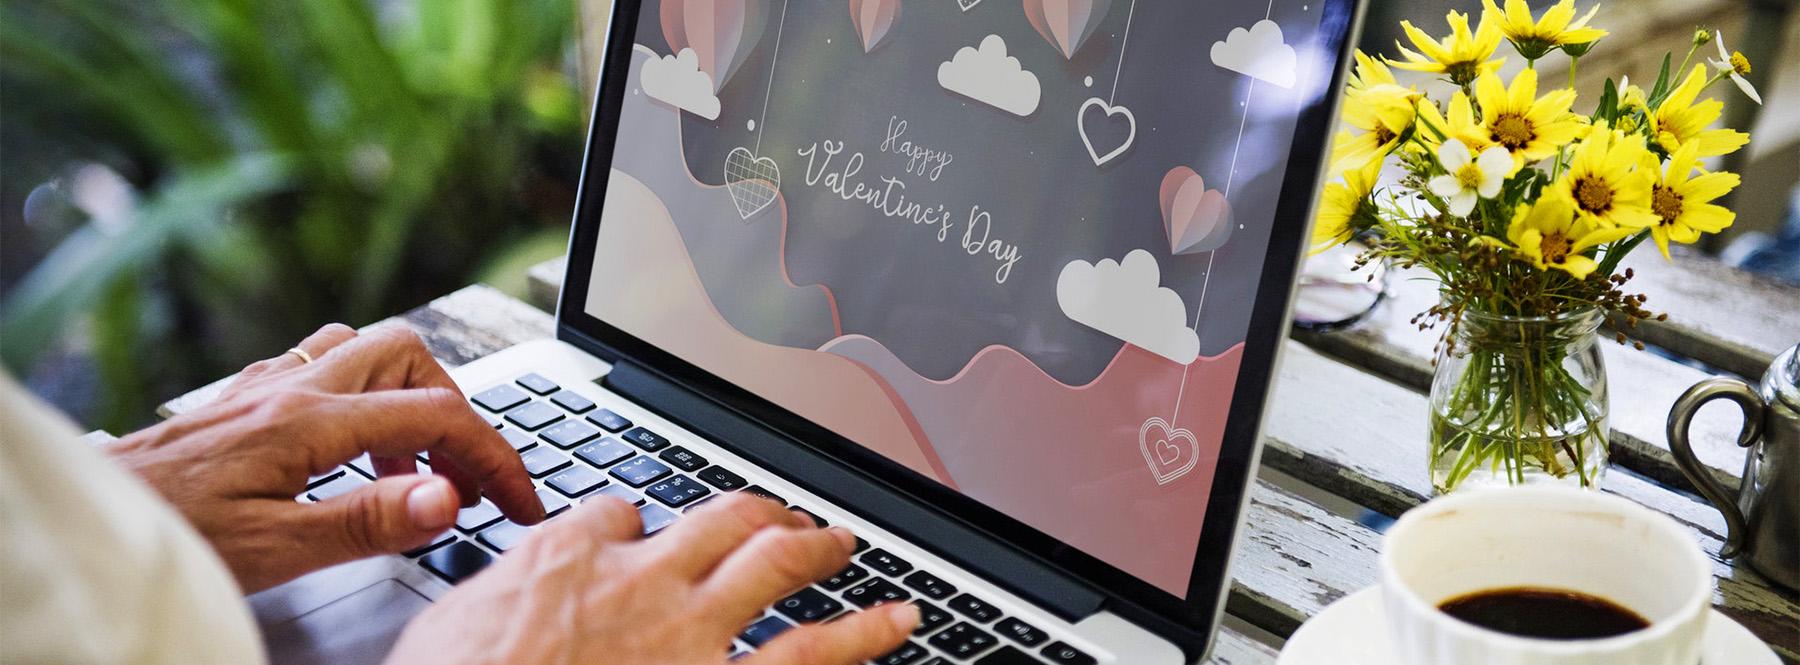 Especial San Valentín: ¿podemos predecir la infidelidad con IA?